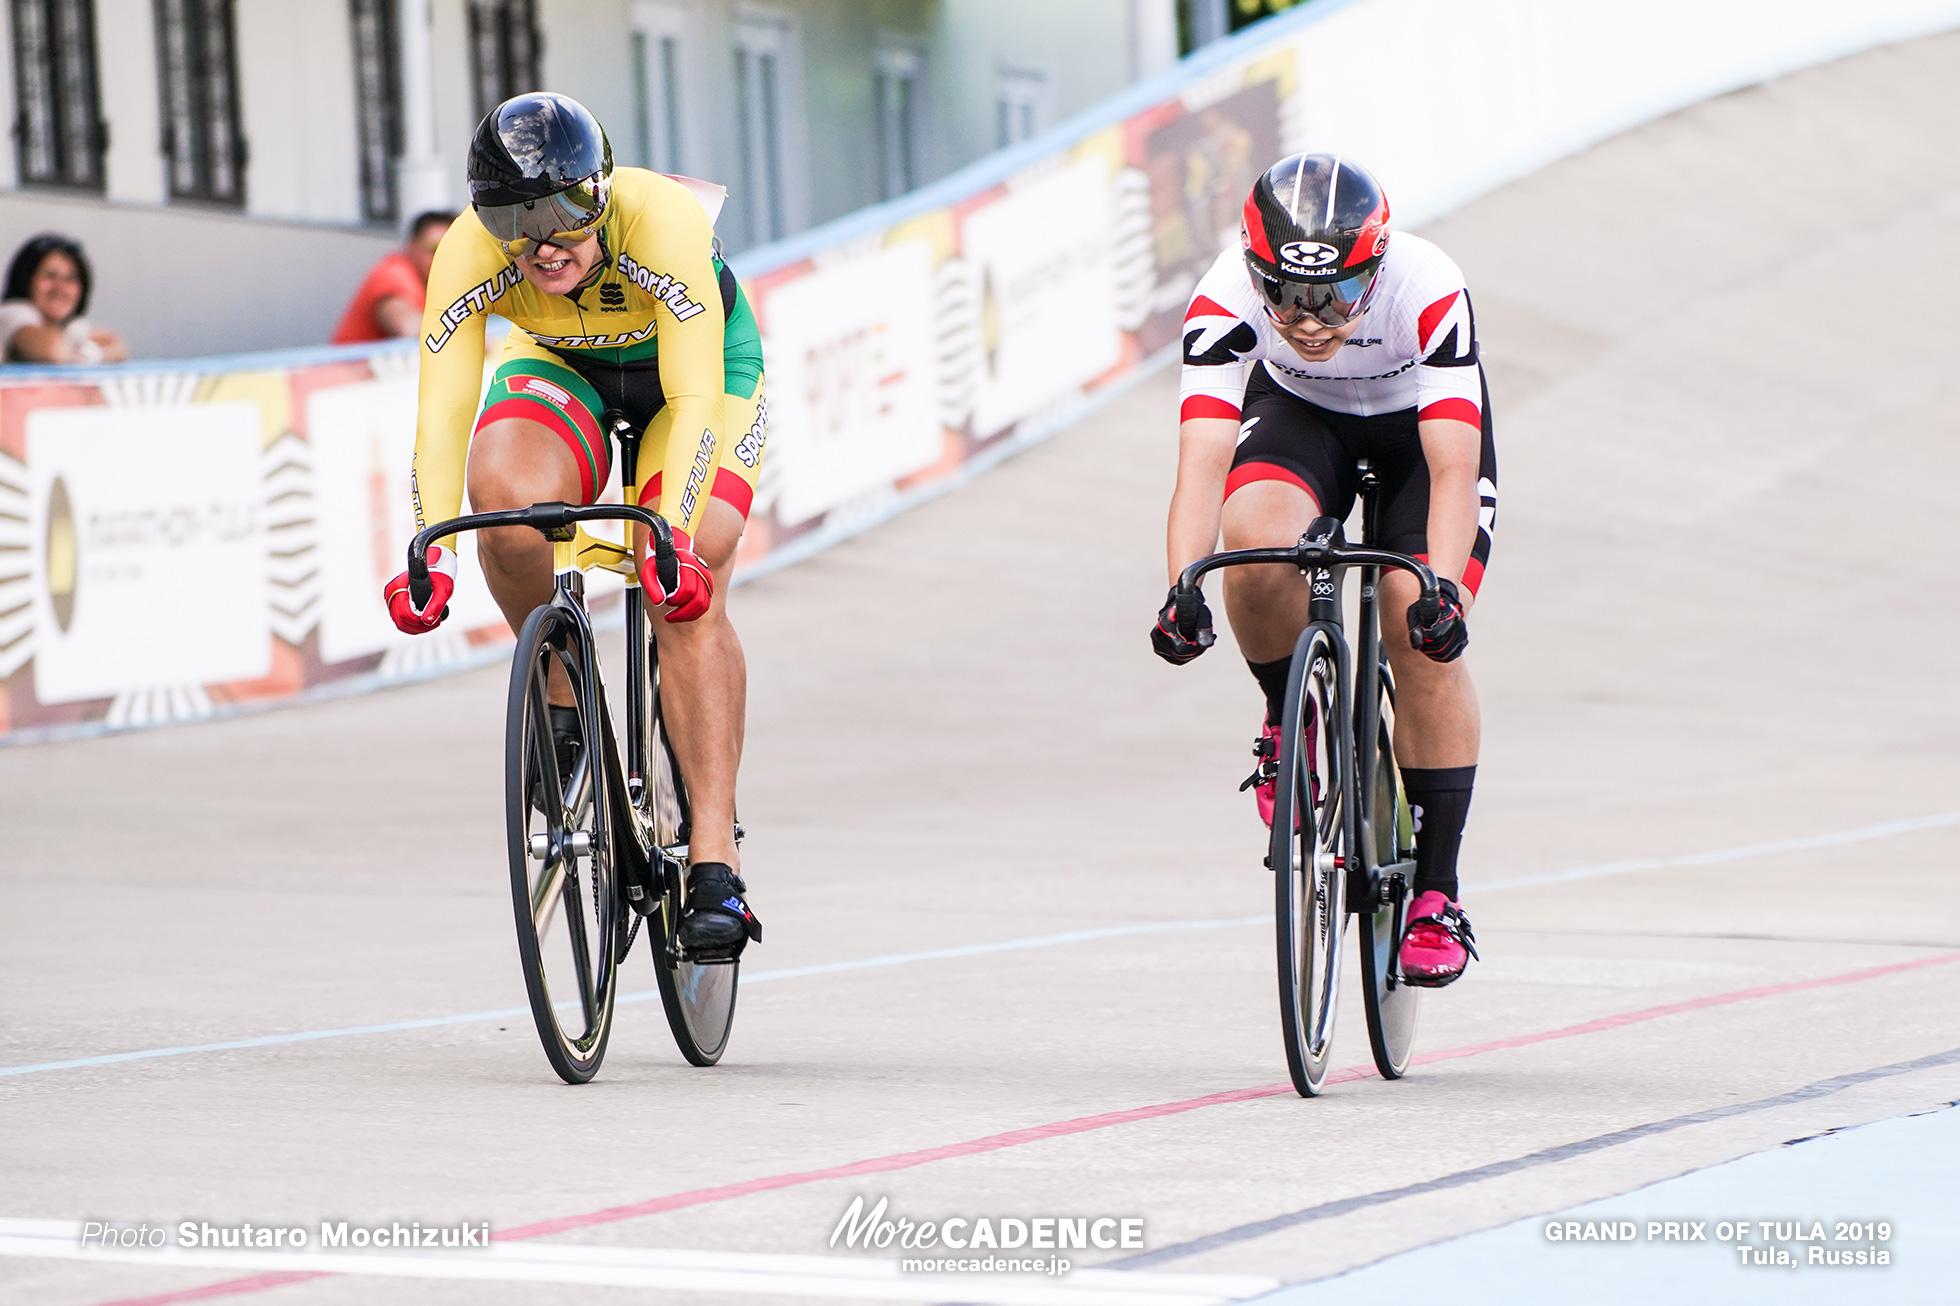 1/2 Finals / Women's Sprint / GRAND PRIX OF TULA 2019